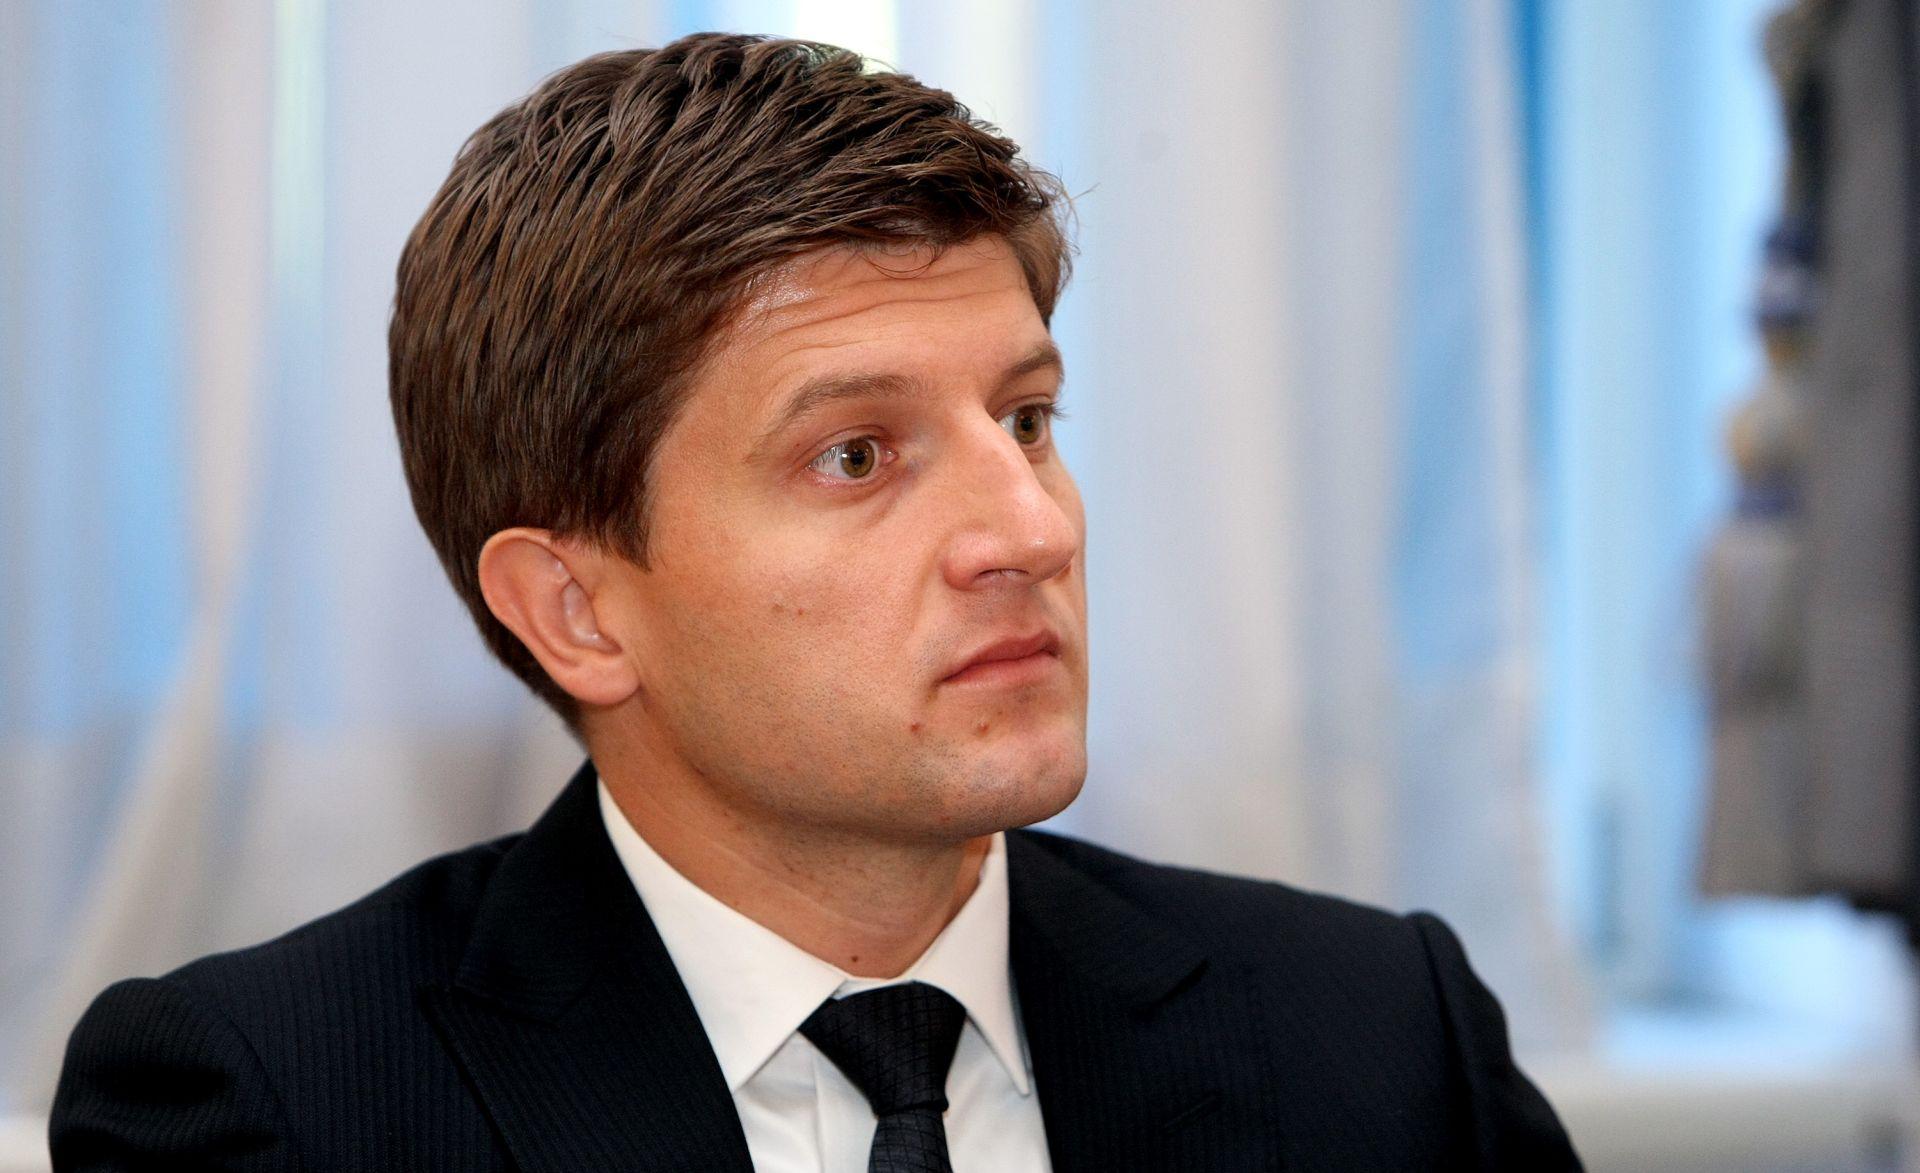 JEDAN OD IZVRŠNIH DIREKTORA AGROKORA Zdravko Marić novi ministar financija?